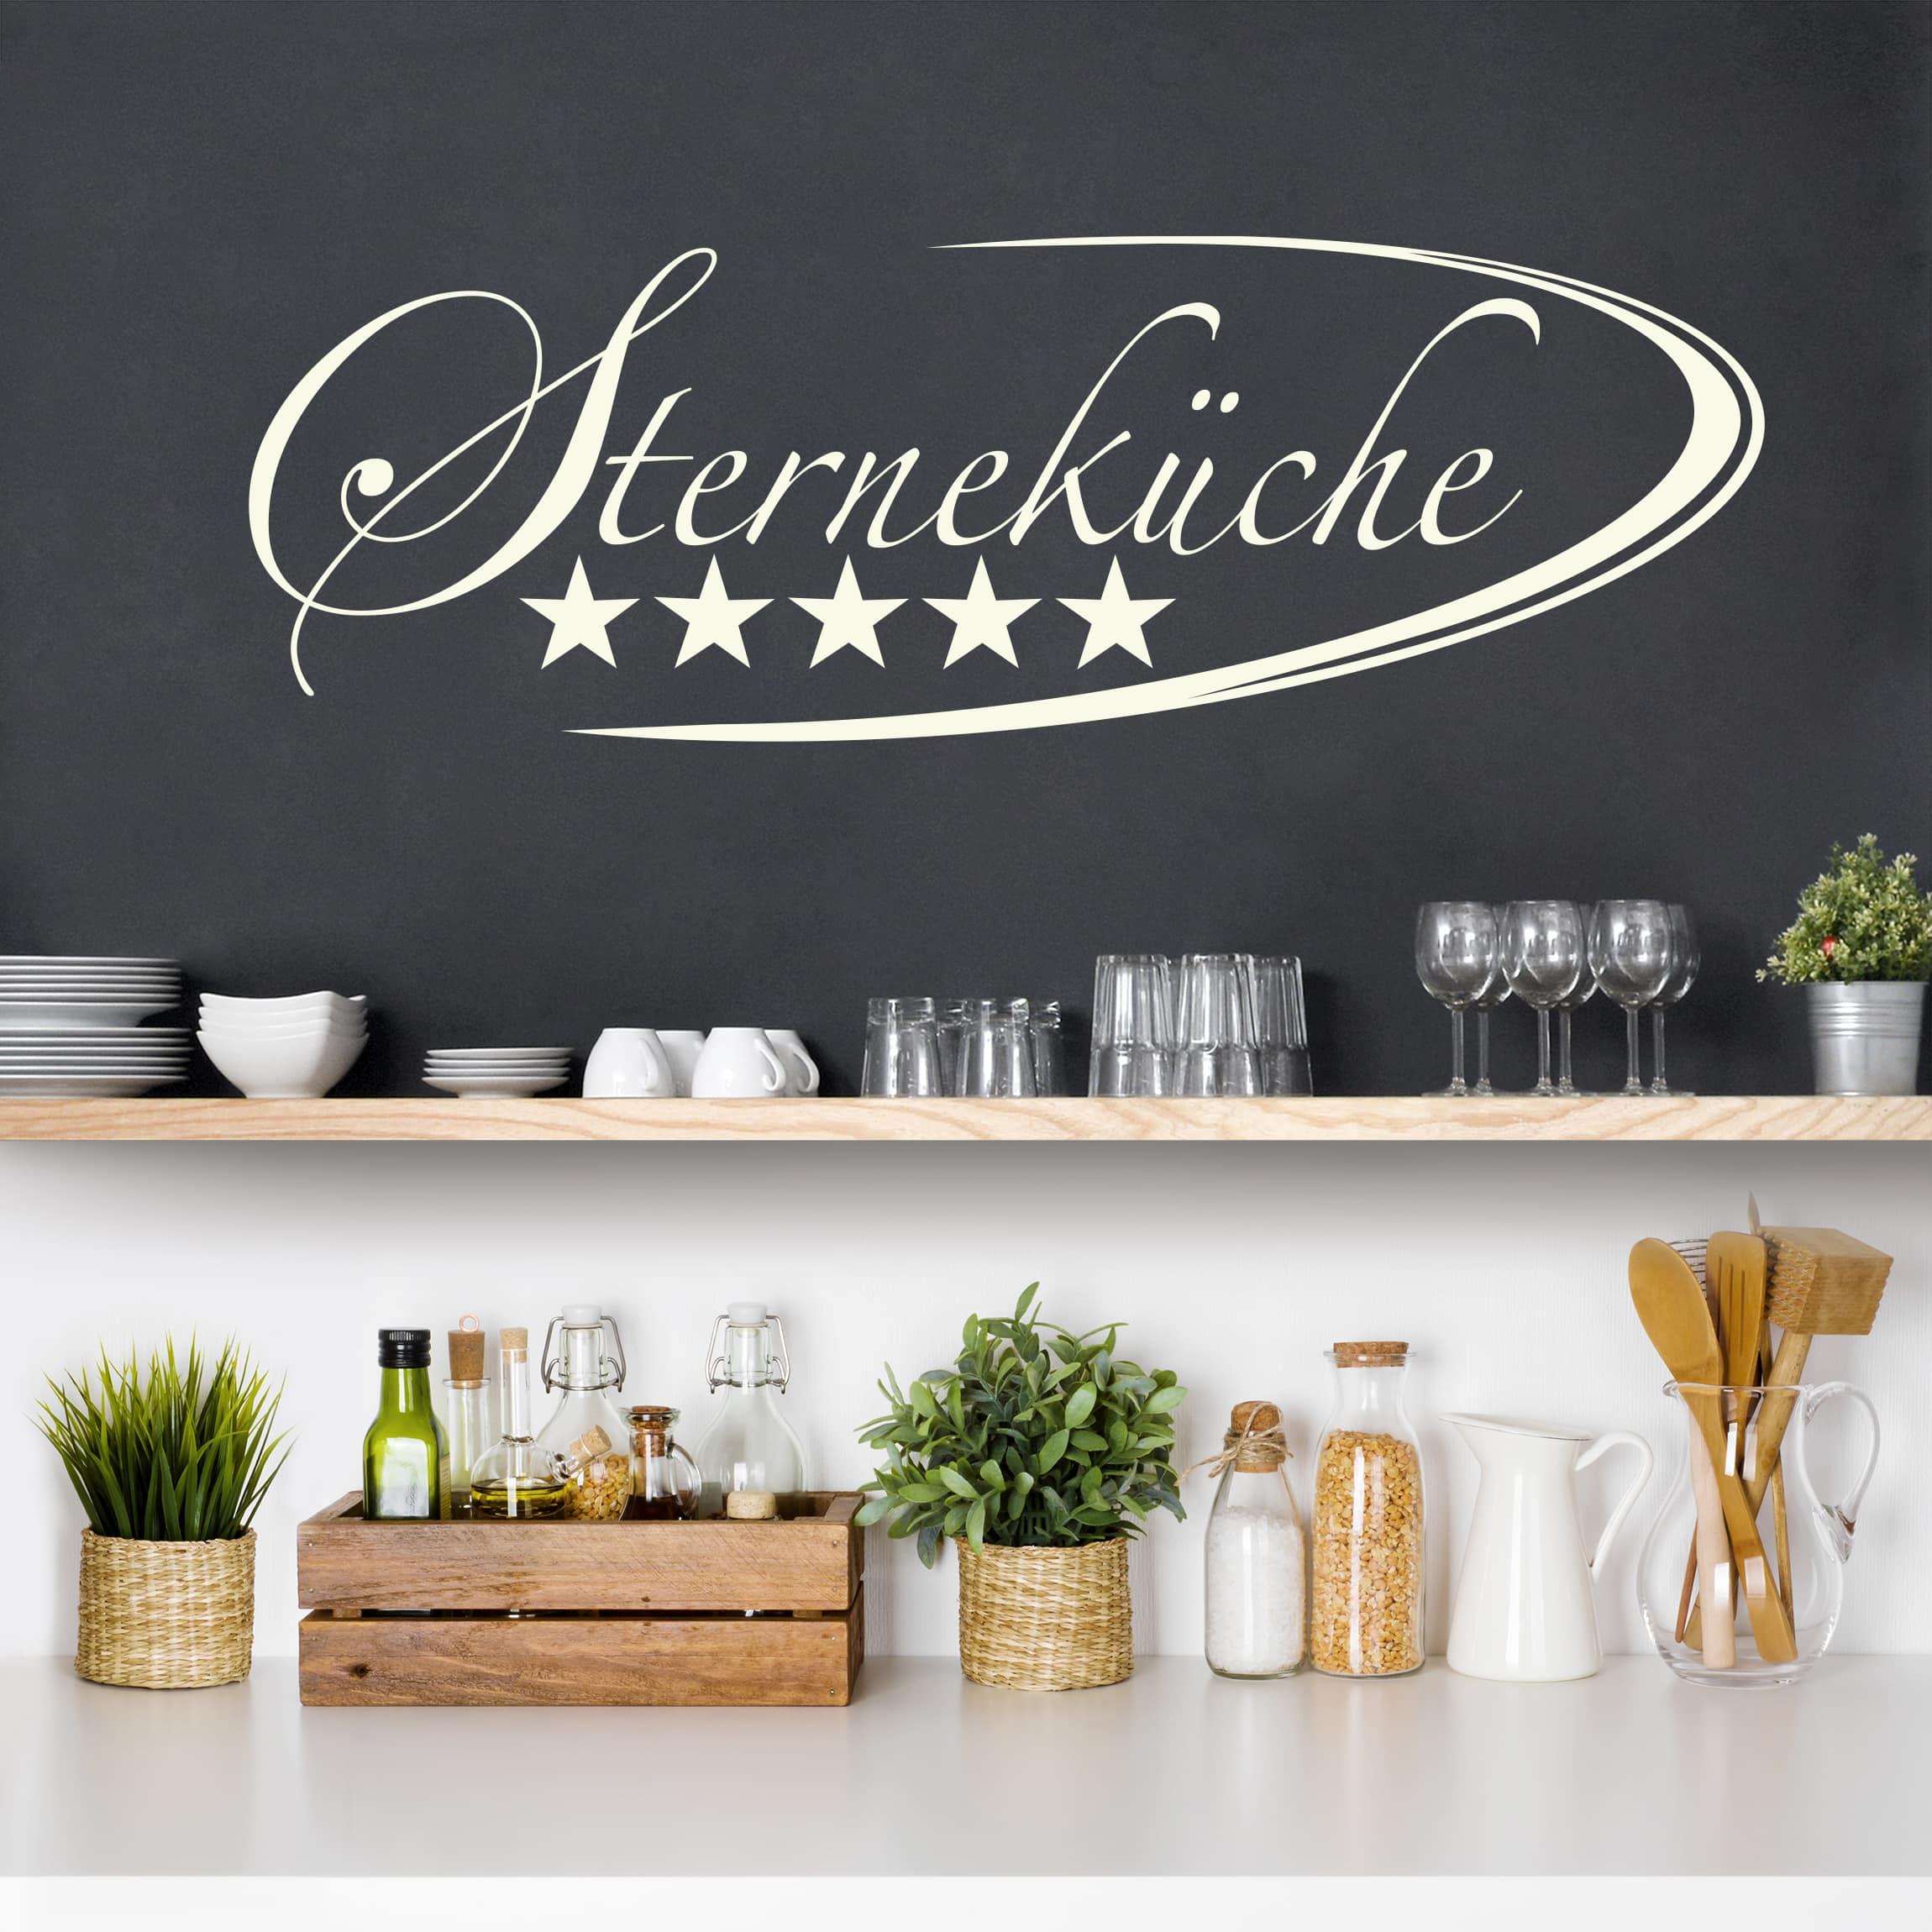 Full Size of Wandtattoo Kche Sternekche Sprüche Küche Nobilia Eckschrank Rosa Hochglanz Granitplatten Auf Raten U Form Mit Theke Armaturen Komplette Gardinen Für Die Küche Wandtattoo Küche